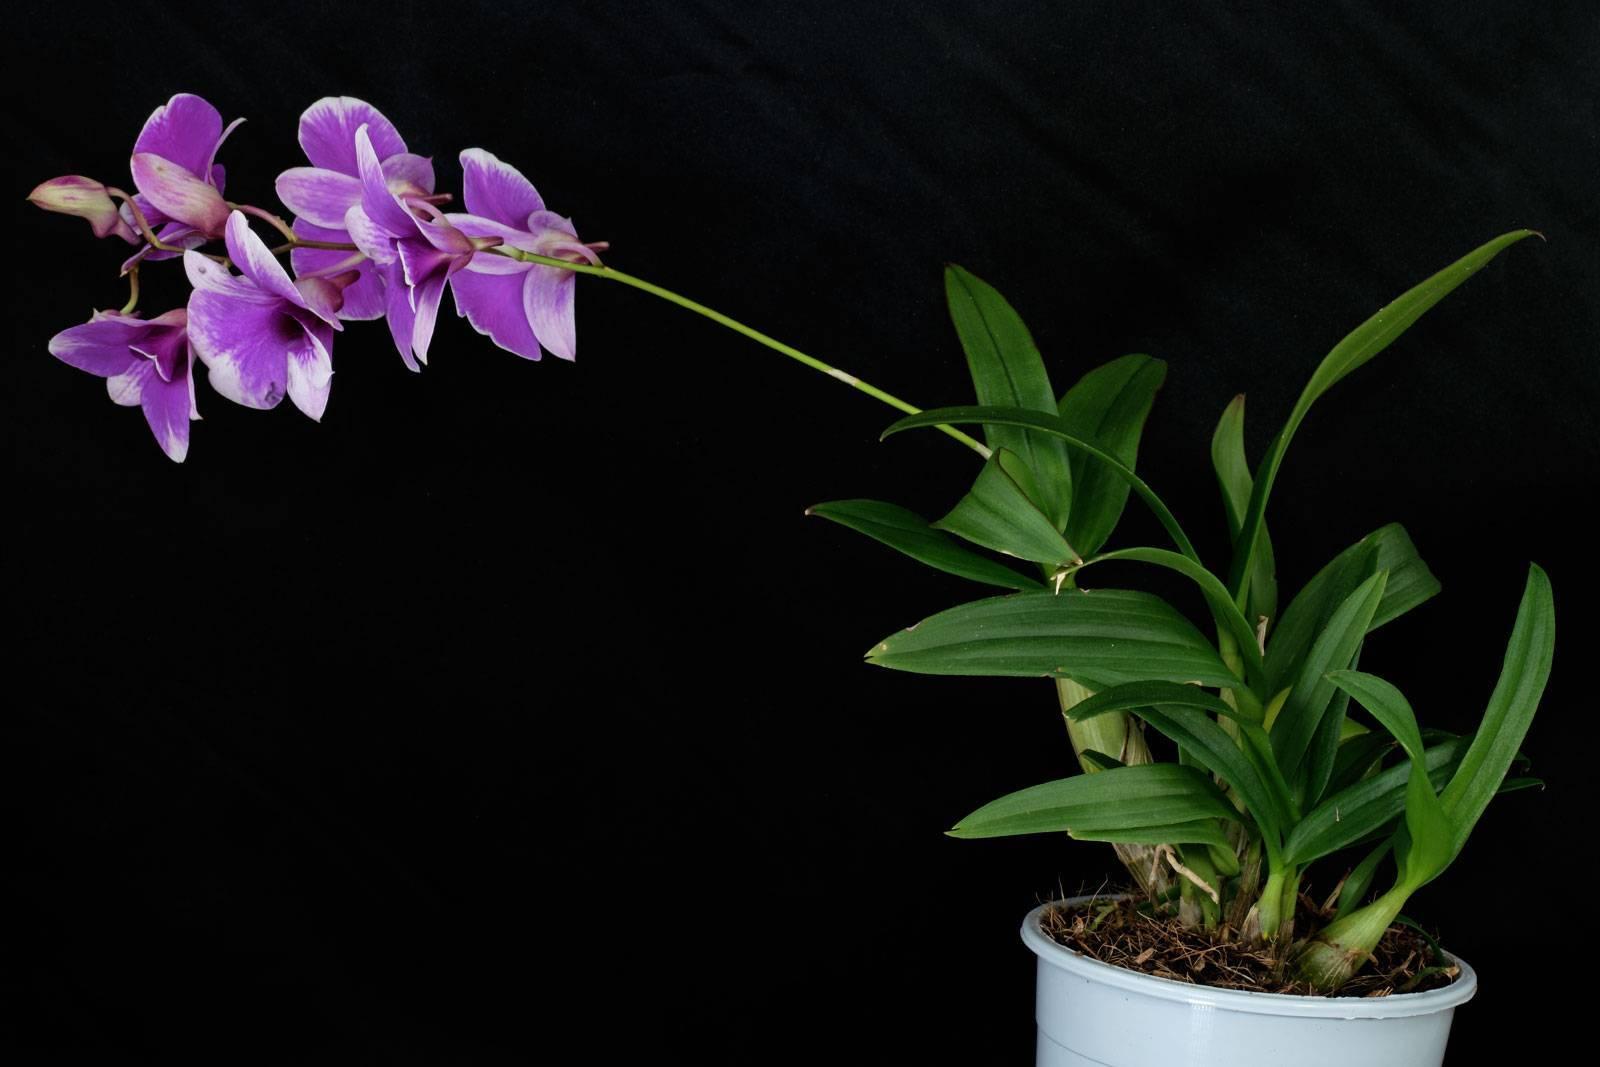 Эпифитные сорта фаленопсисов: валенсия и whitney, а также орхидея ванда